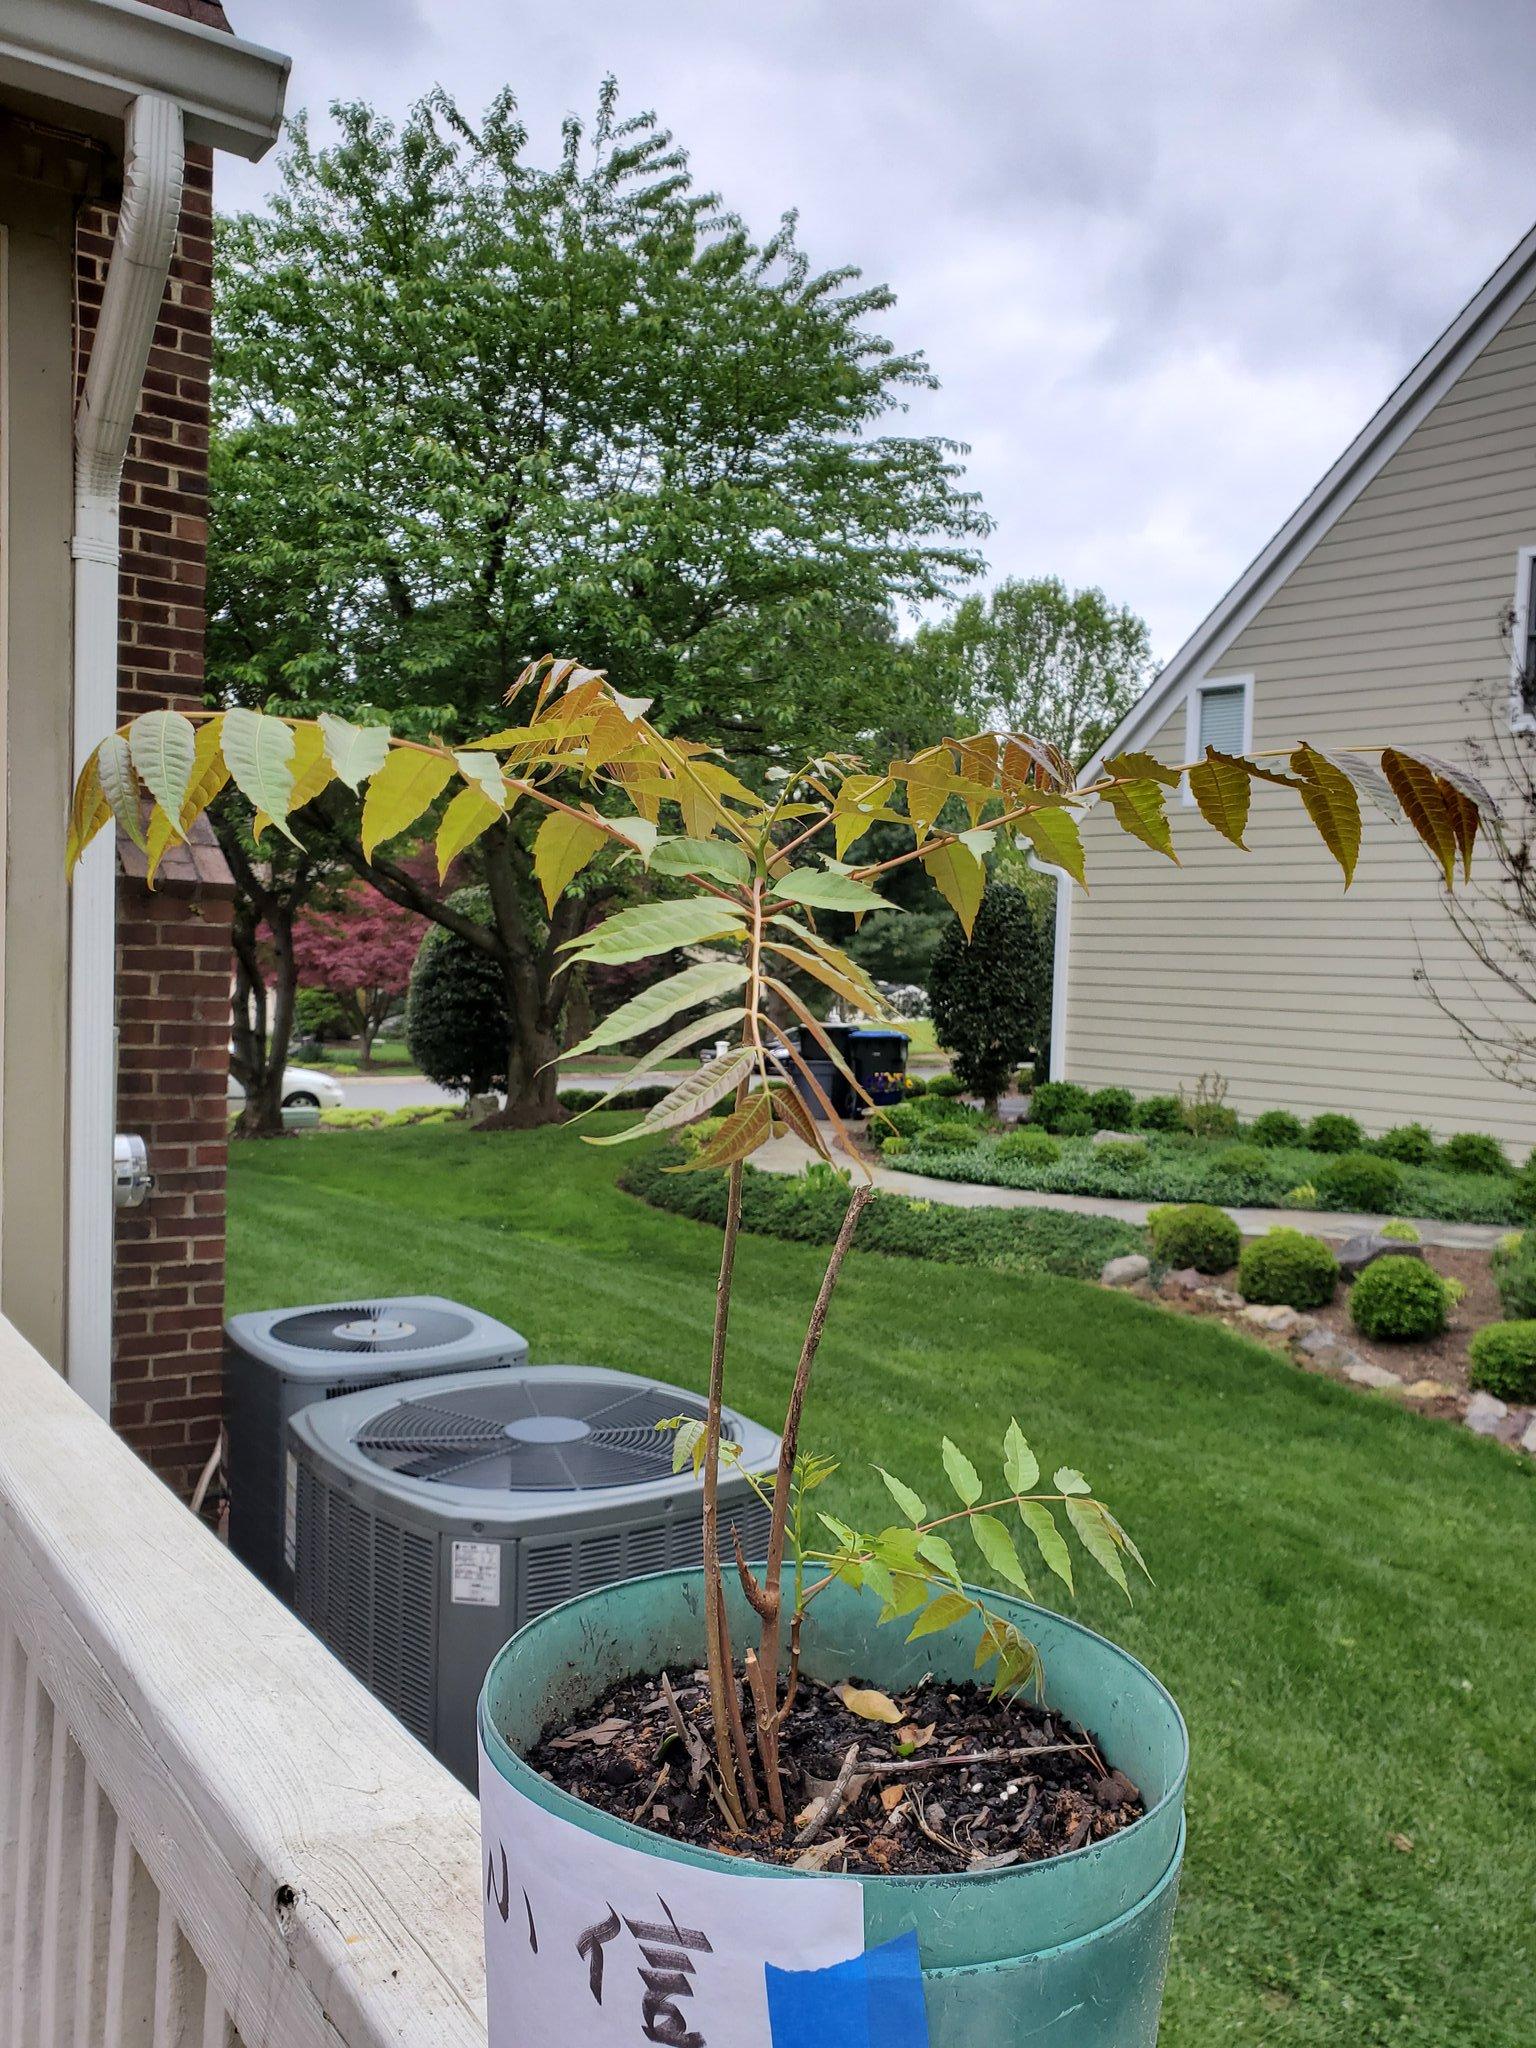 另外一个朋友送的香椿树